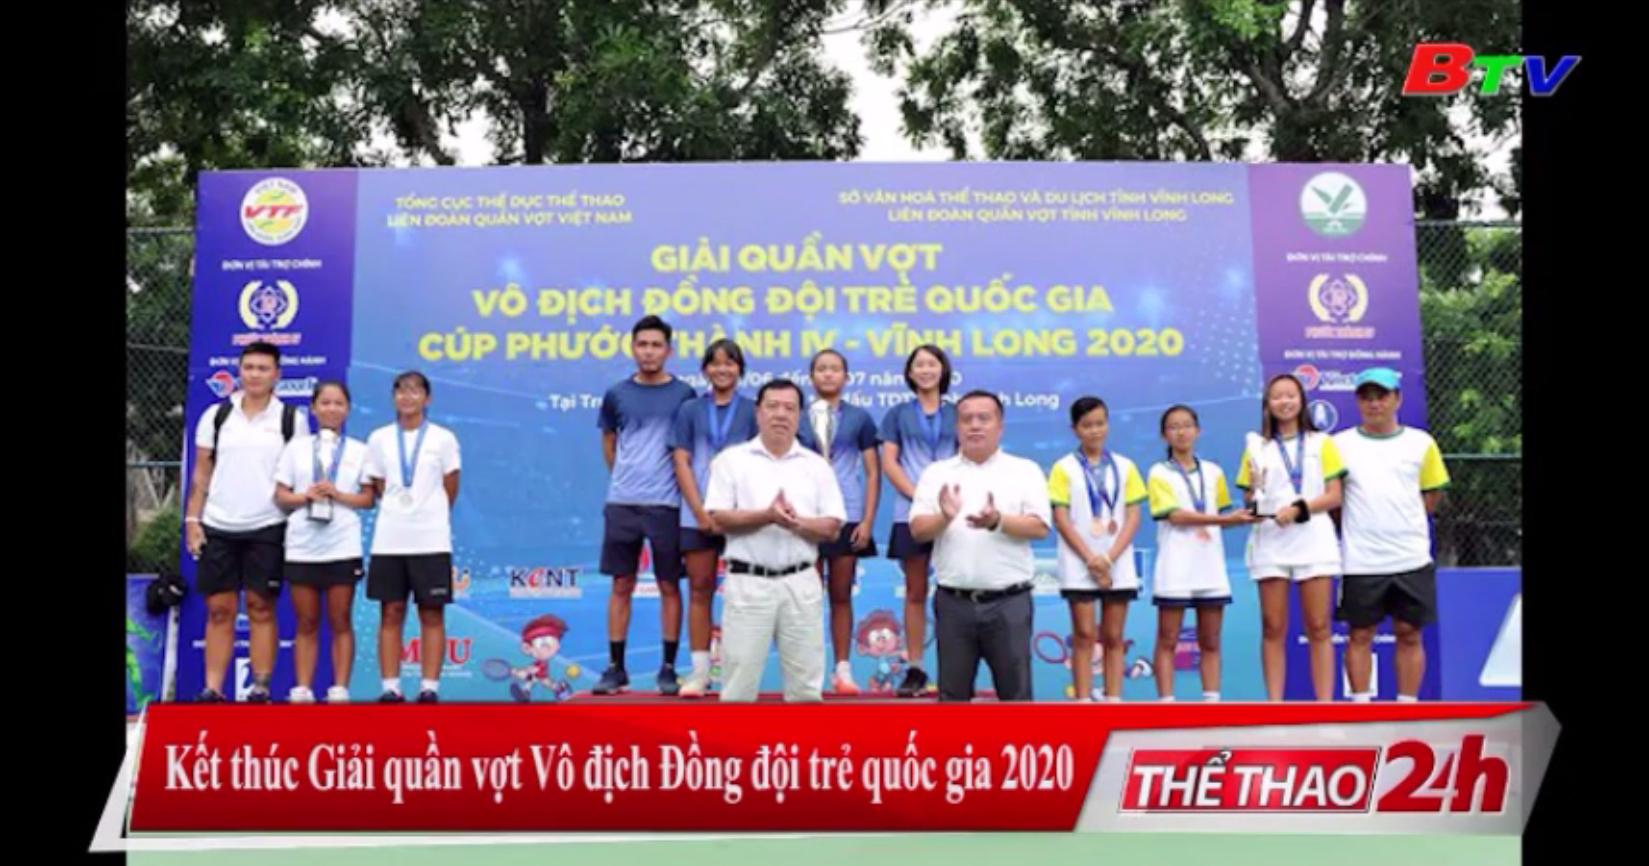 Kết thúc Giải quần vợt vô địch đồng đội trẻ Quốc gia 2020